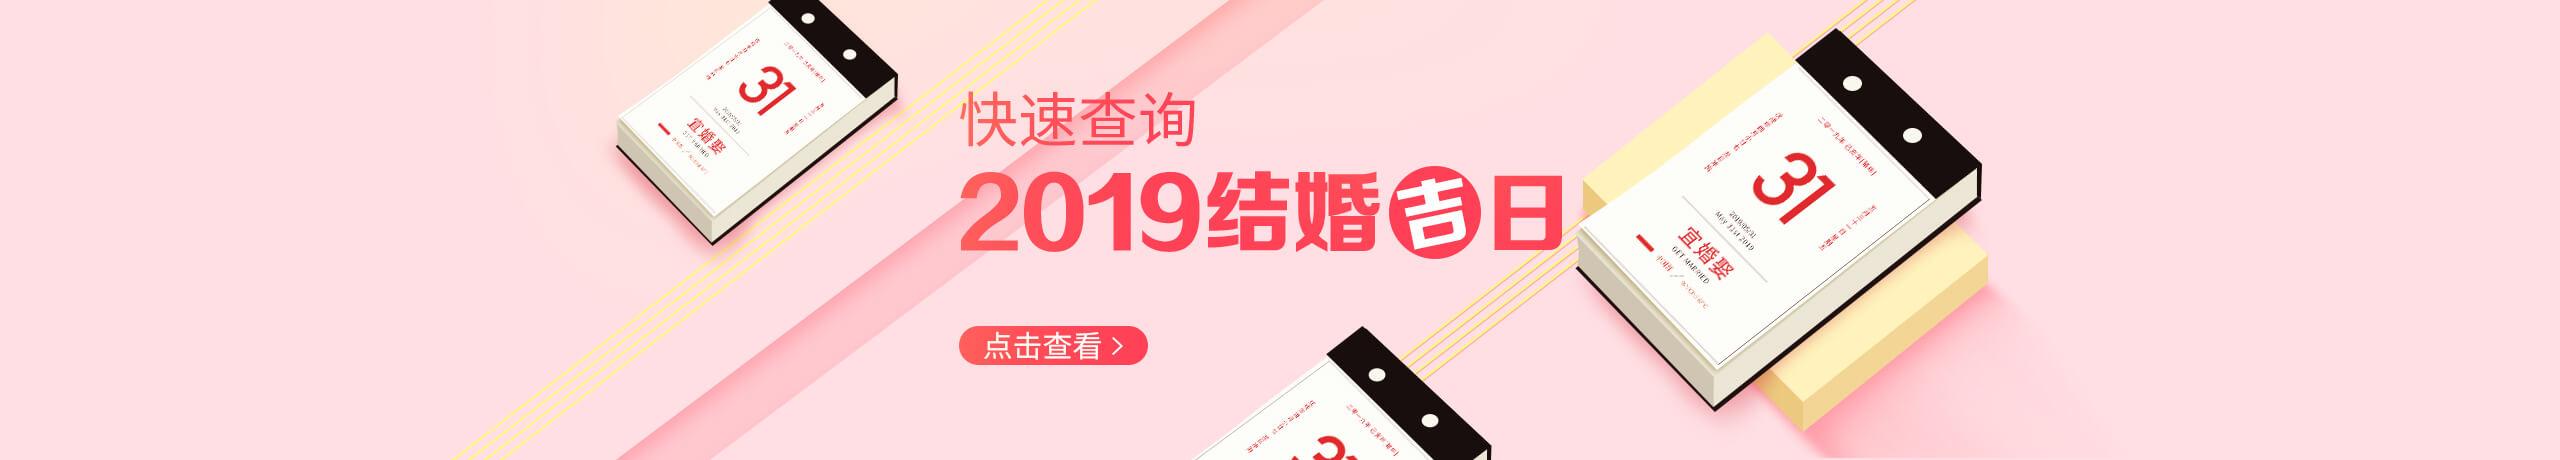 澳门金沙官网_官方网站吉日